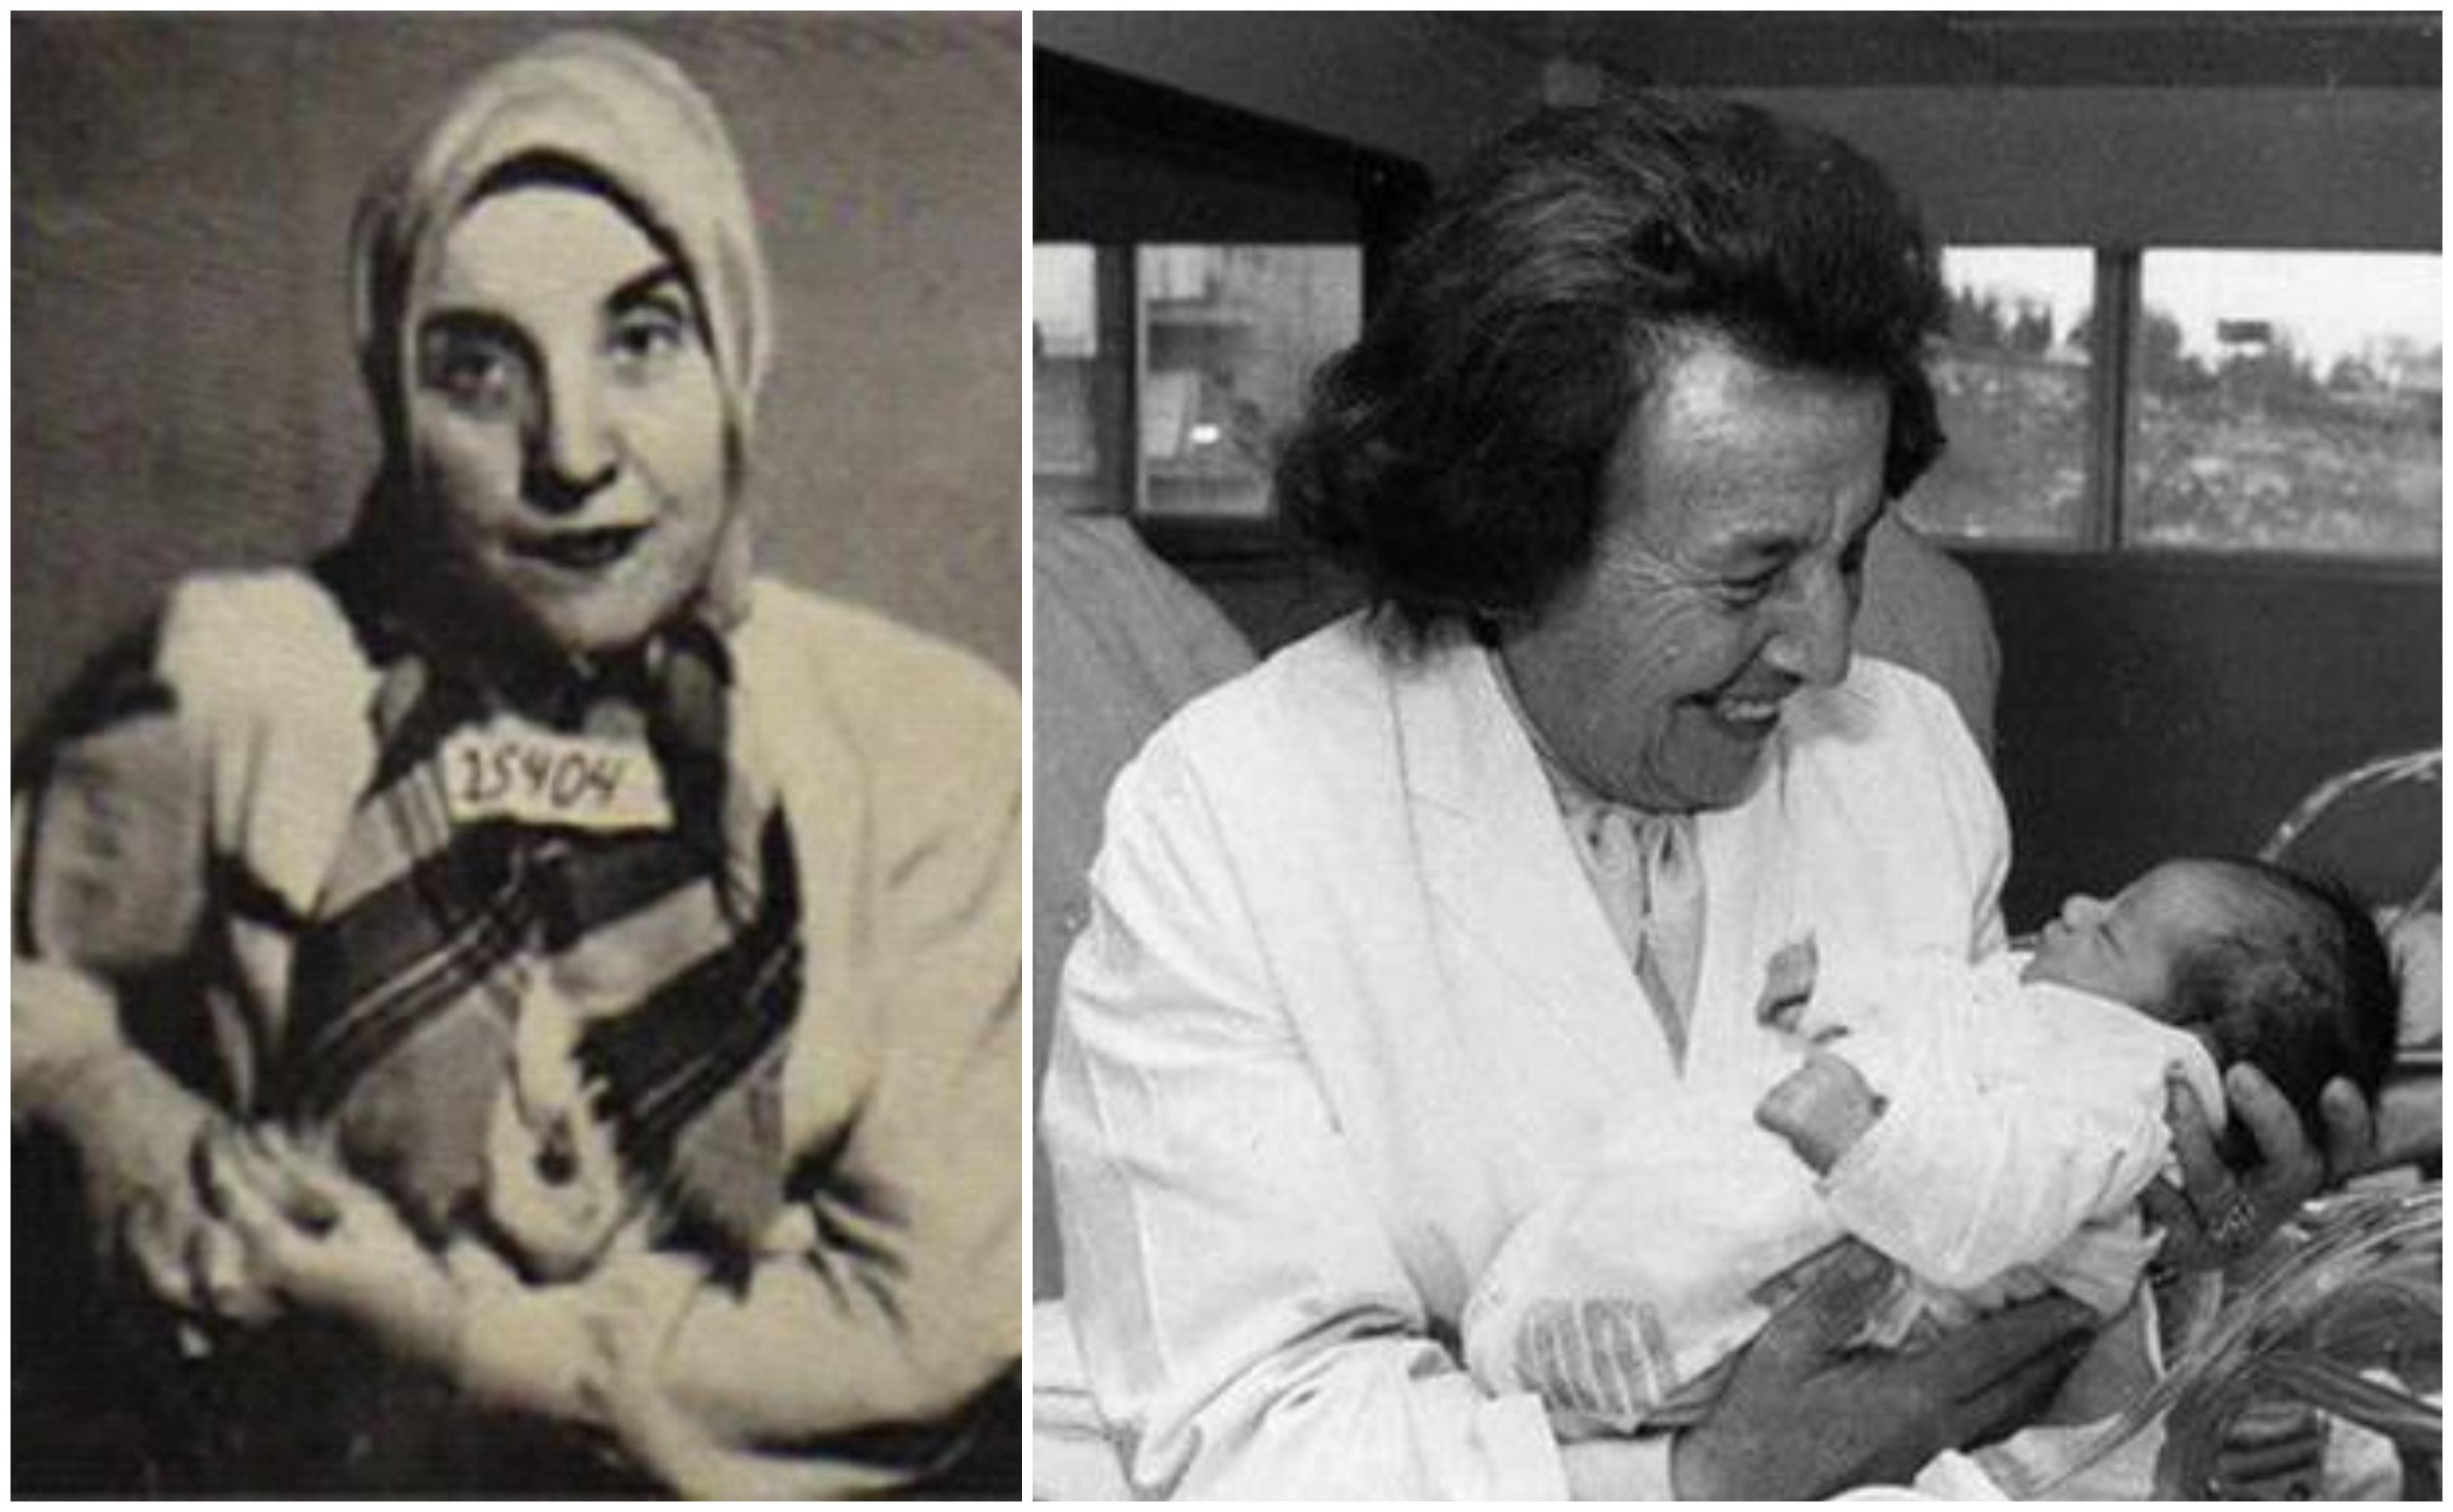 Dr. Gisella Perlt a nácik kényszerítették, hogy Dr. Mengele terhes nőkön végzett, szörnyű kísérleteinél asszisztáljon – ő pedig több száz nőn végzett abortuszt, hogy megmentse az életüket, mindenféle alkalmas orvosi segédeszköz nélkül.